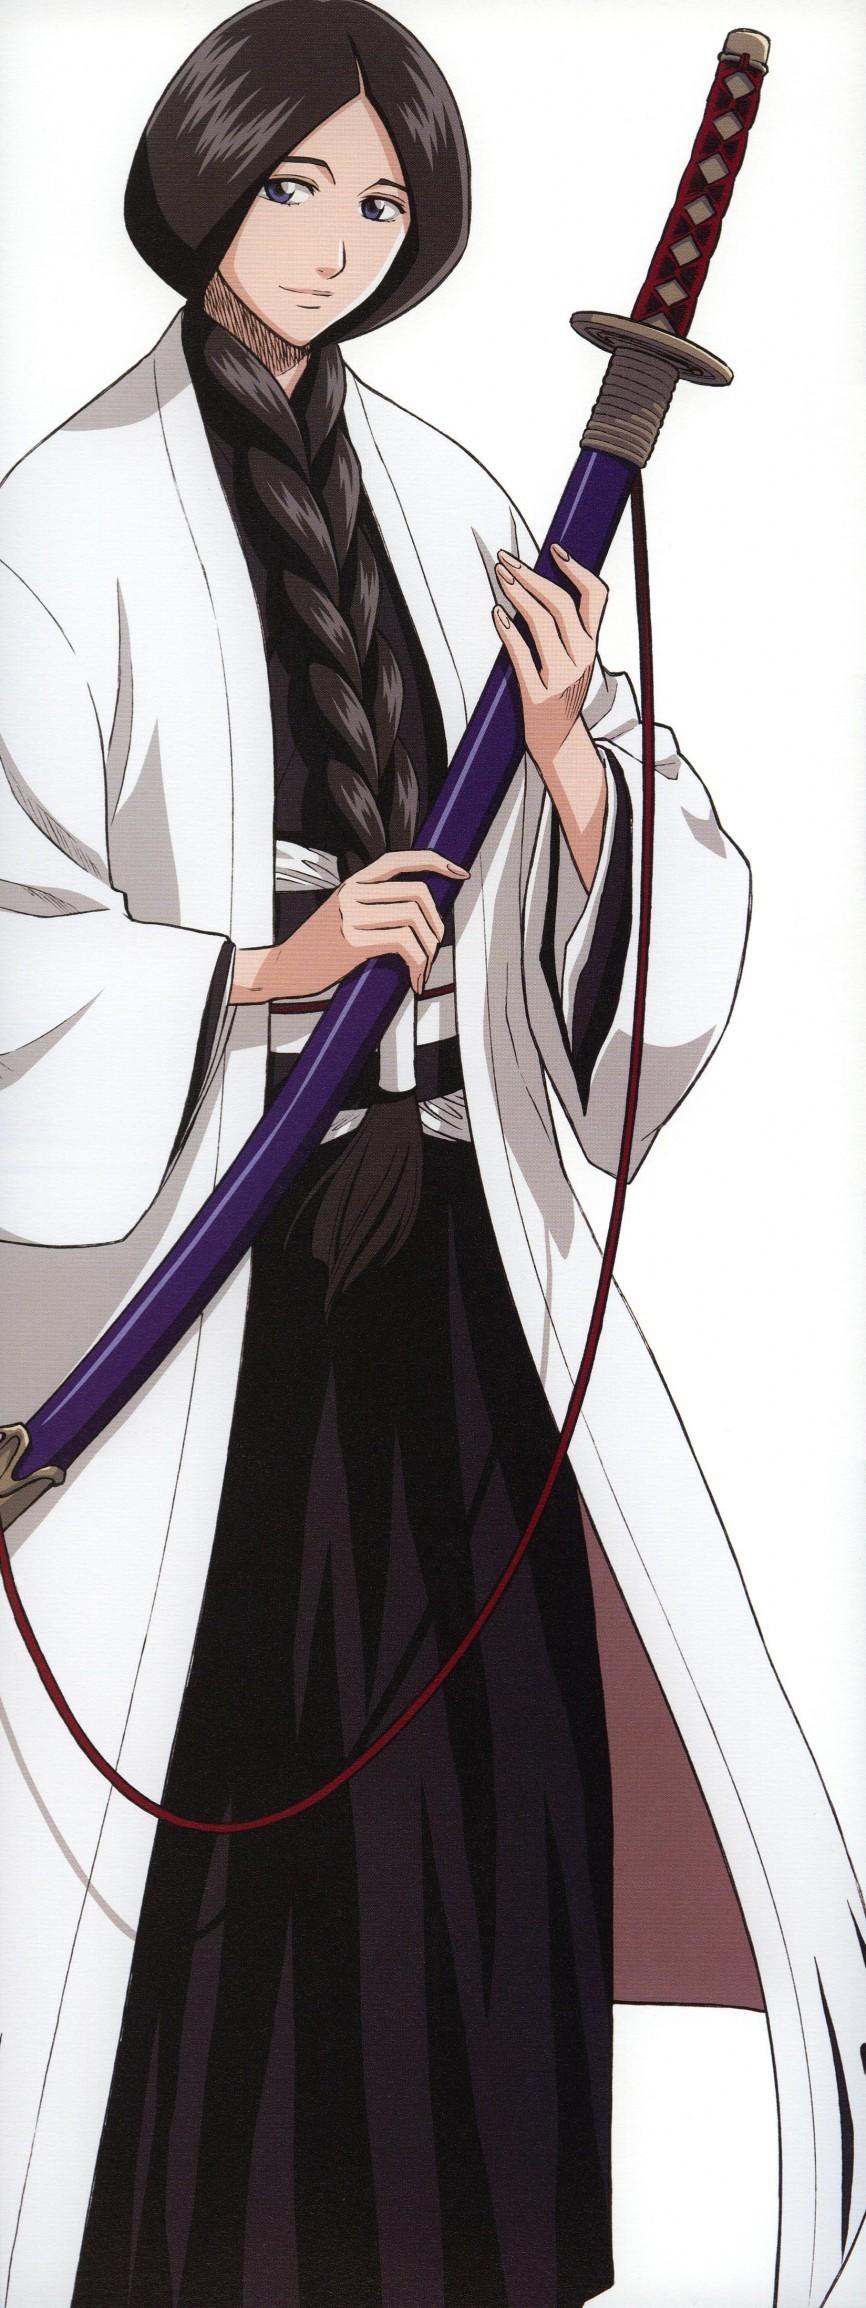 Unohana - Bleach Anime Photo (18355450) - Fanpop